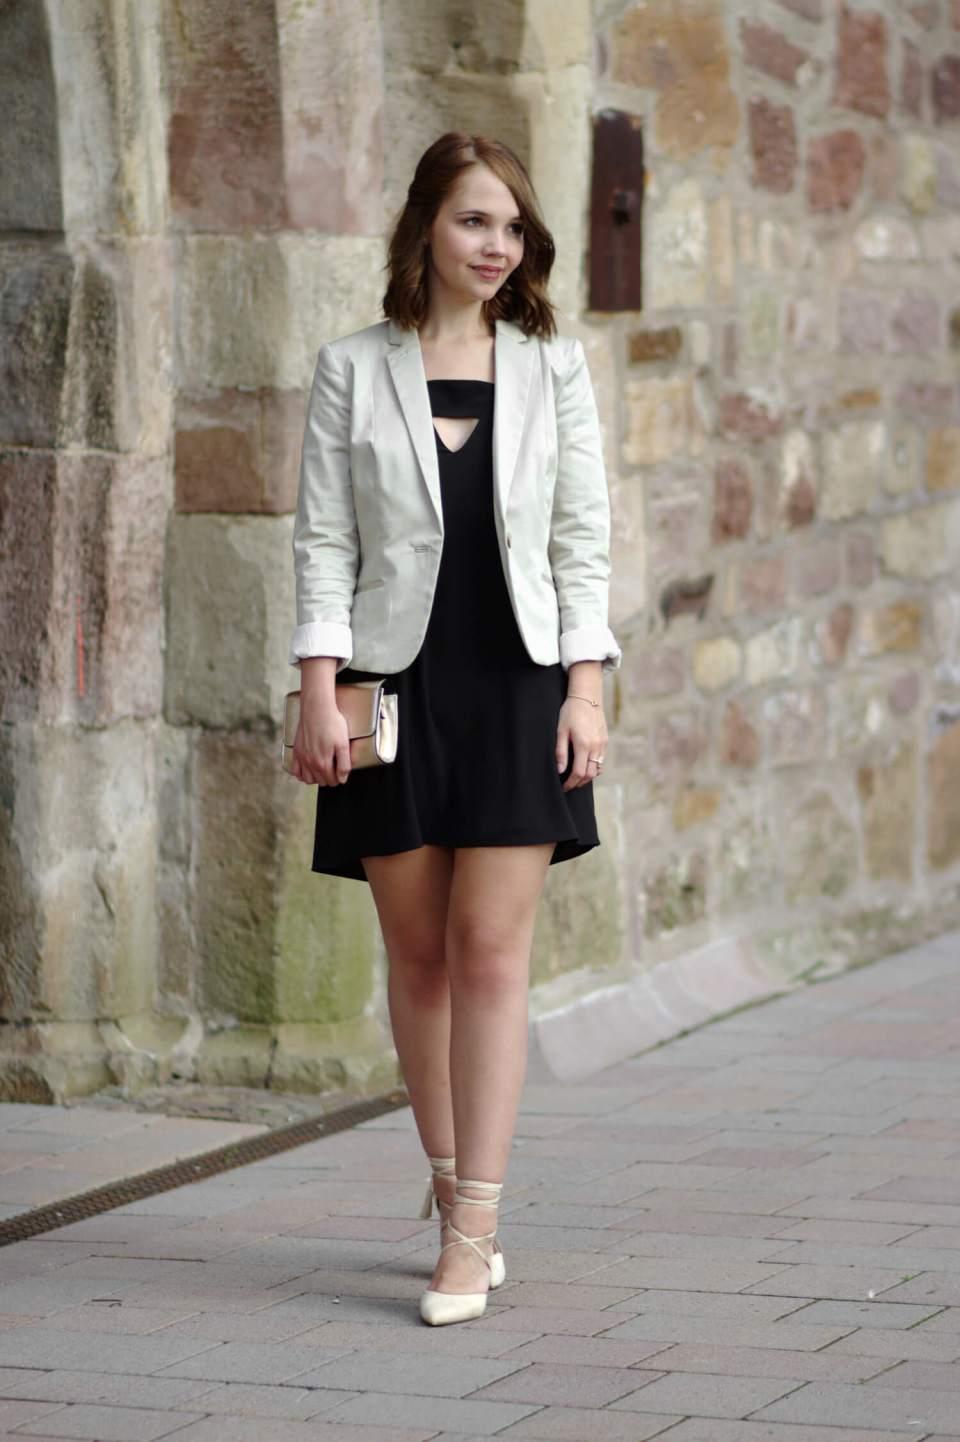 Das Richtige Outfit Für Eine Hochzeit Hochzeitsoutfit Schwarzes Kleid Beiger Blazer